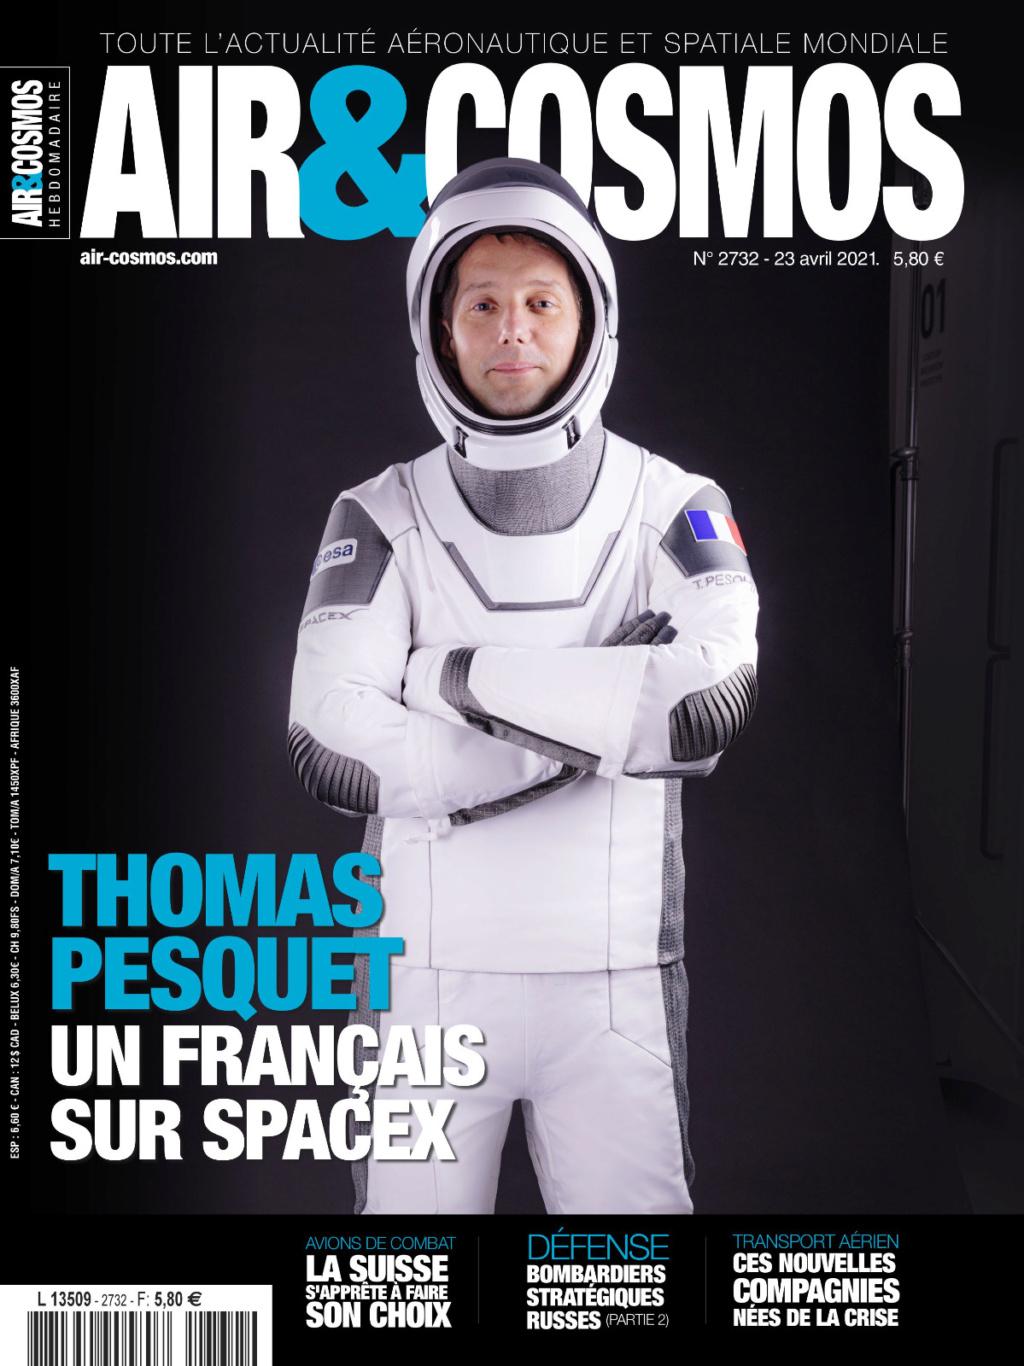 Le spatial dans la presse - Page 13 Pesque10